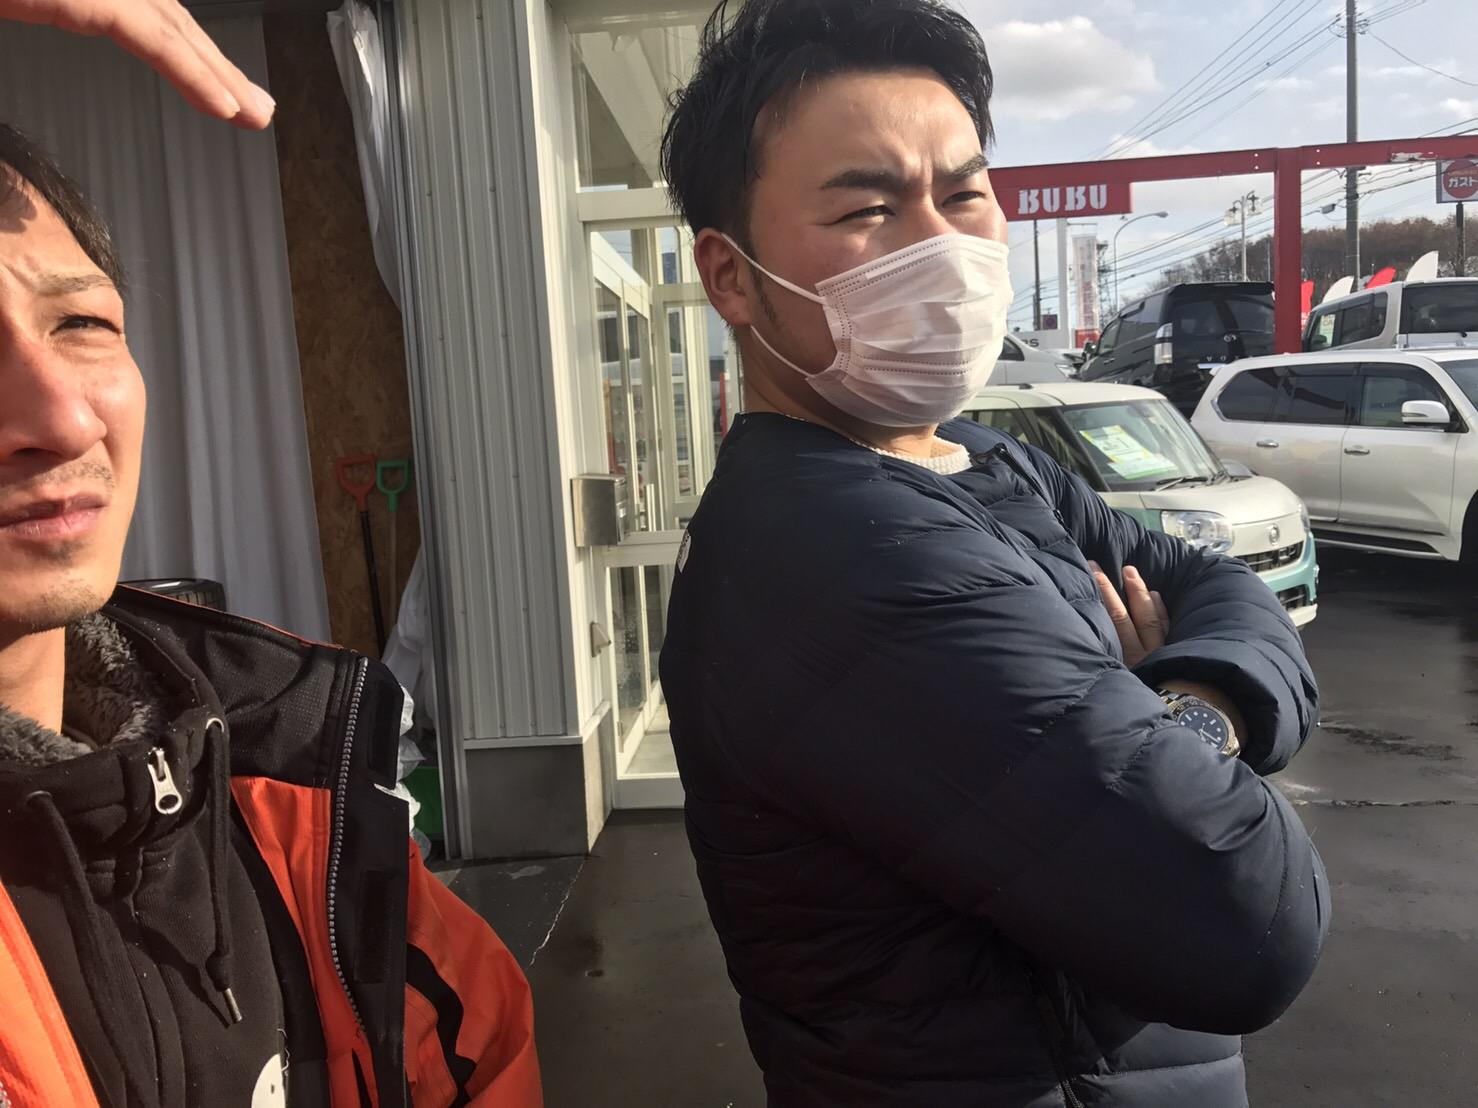 11月26日 土曜日のKENブログ( 'ω' ) ドローン空撮DAY!_b0127002_1748657.jpg